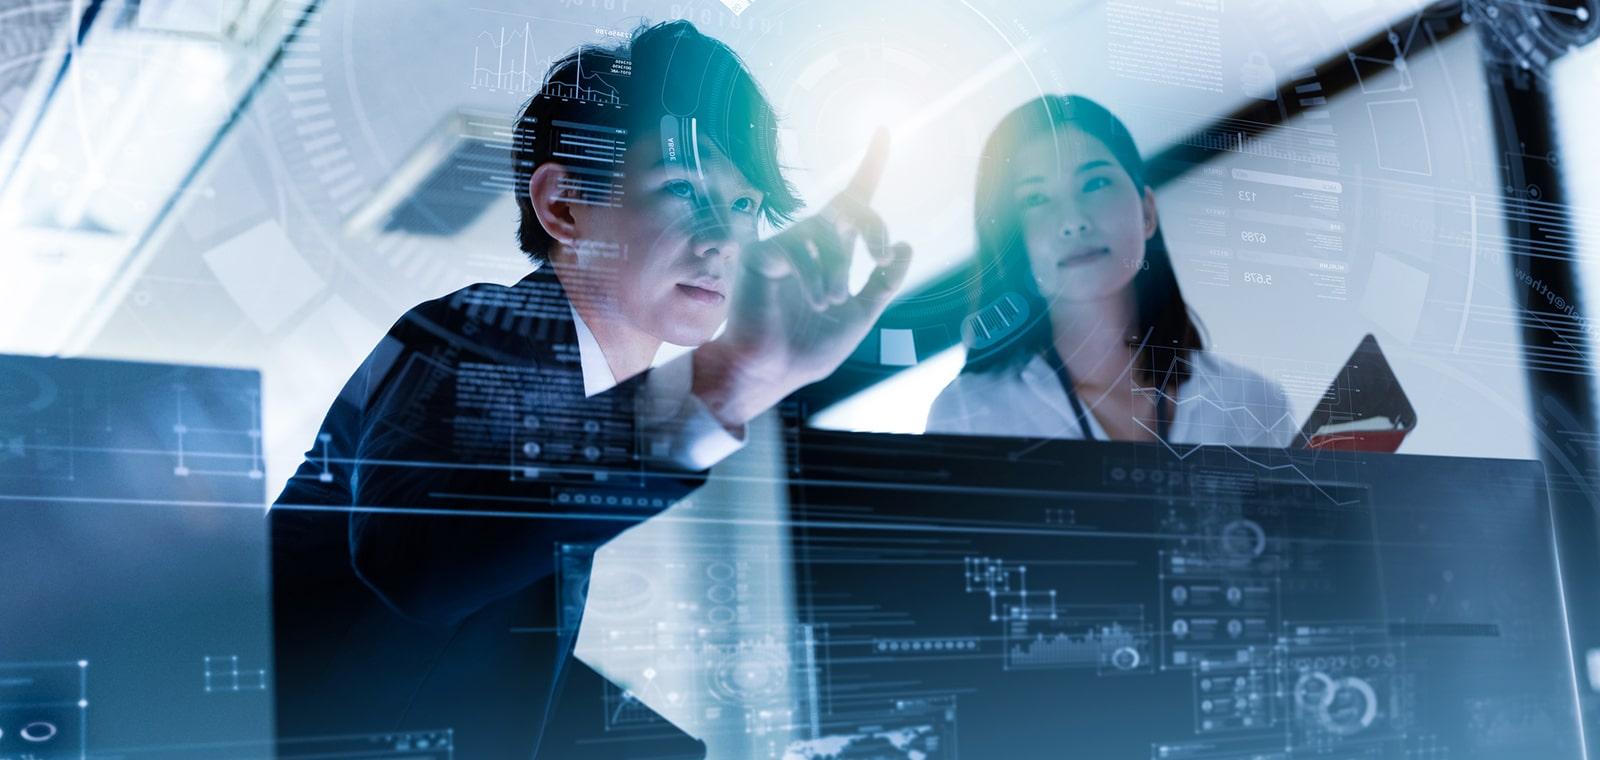 データを分析・活用して新たな価値を創造できますか?